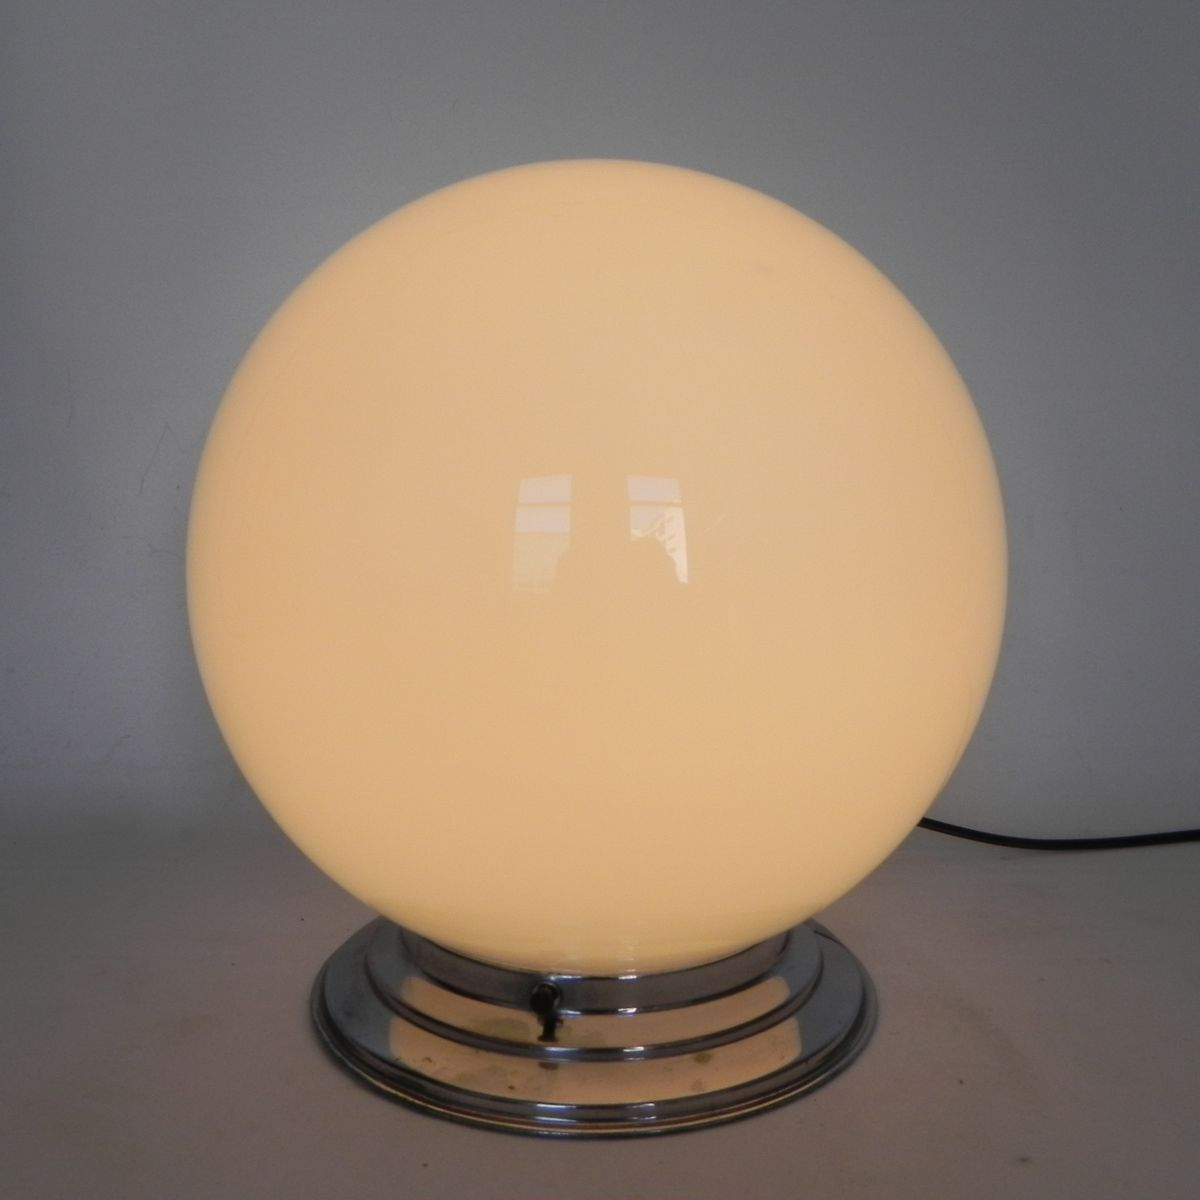 plafonnier art d co avec grand globe en verre france en vente sur pamono. Black Bedroom Furniture Sets. Home Design Ideas